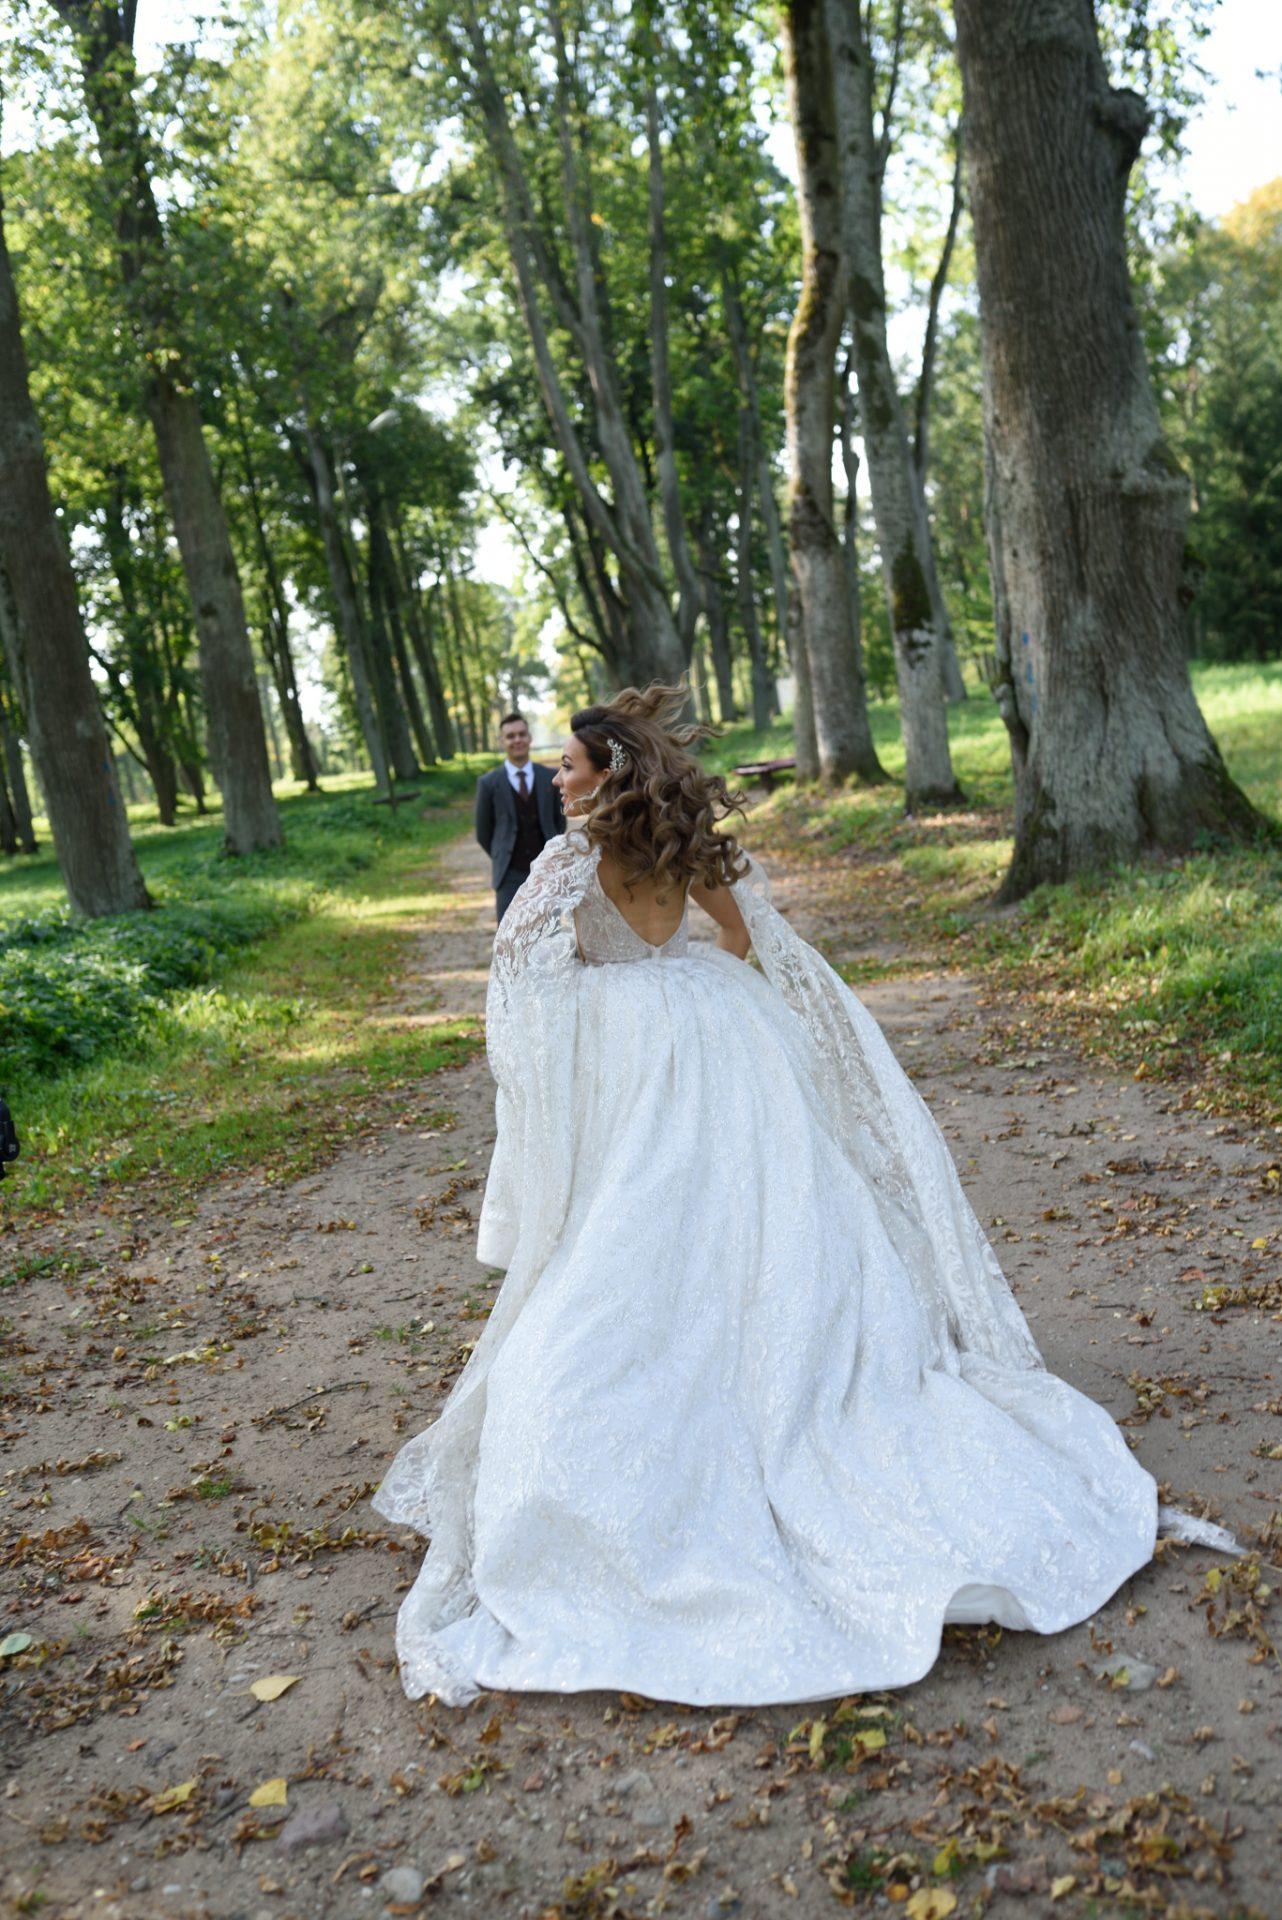 Kas retušuojama nuotraukose, Kas retušuojama ir redaguojama mano nuotraukose?, Vestuvių fotografė Laura Žygė